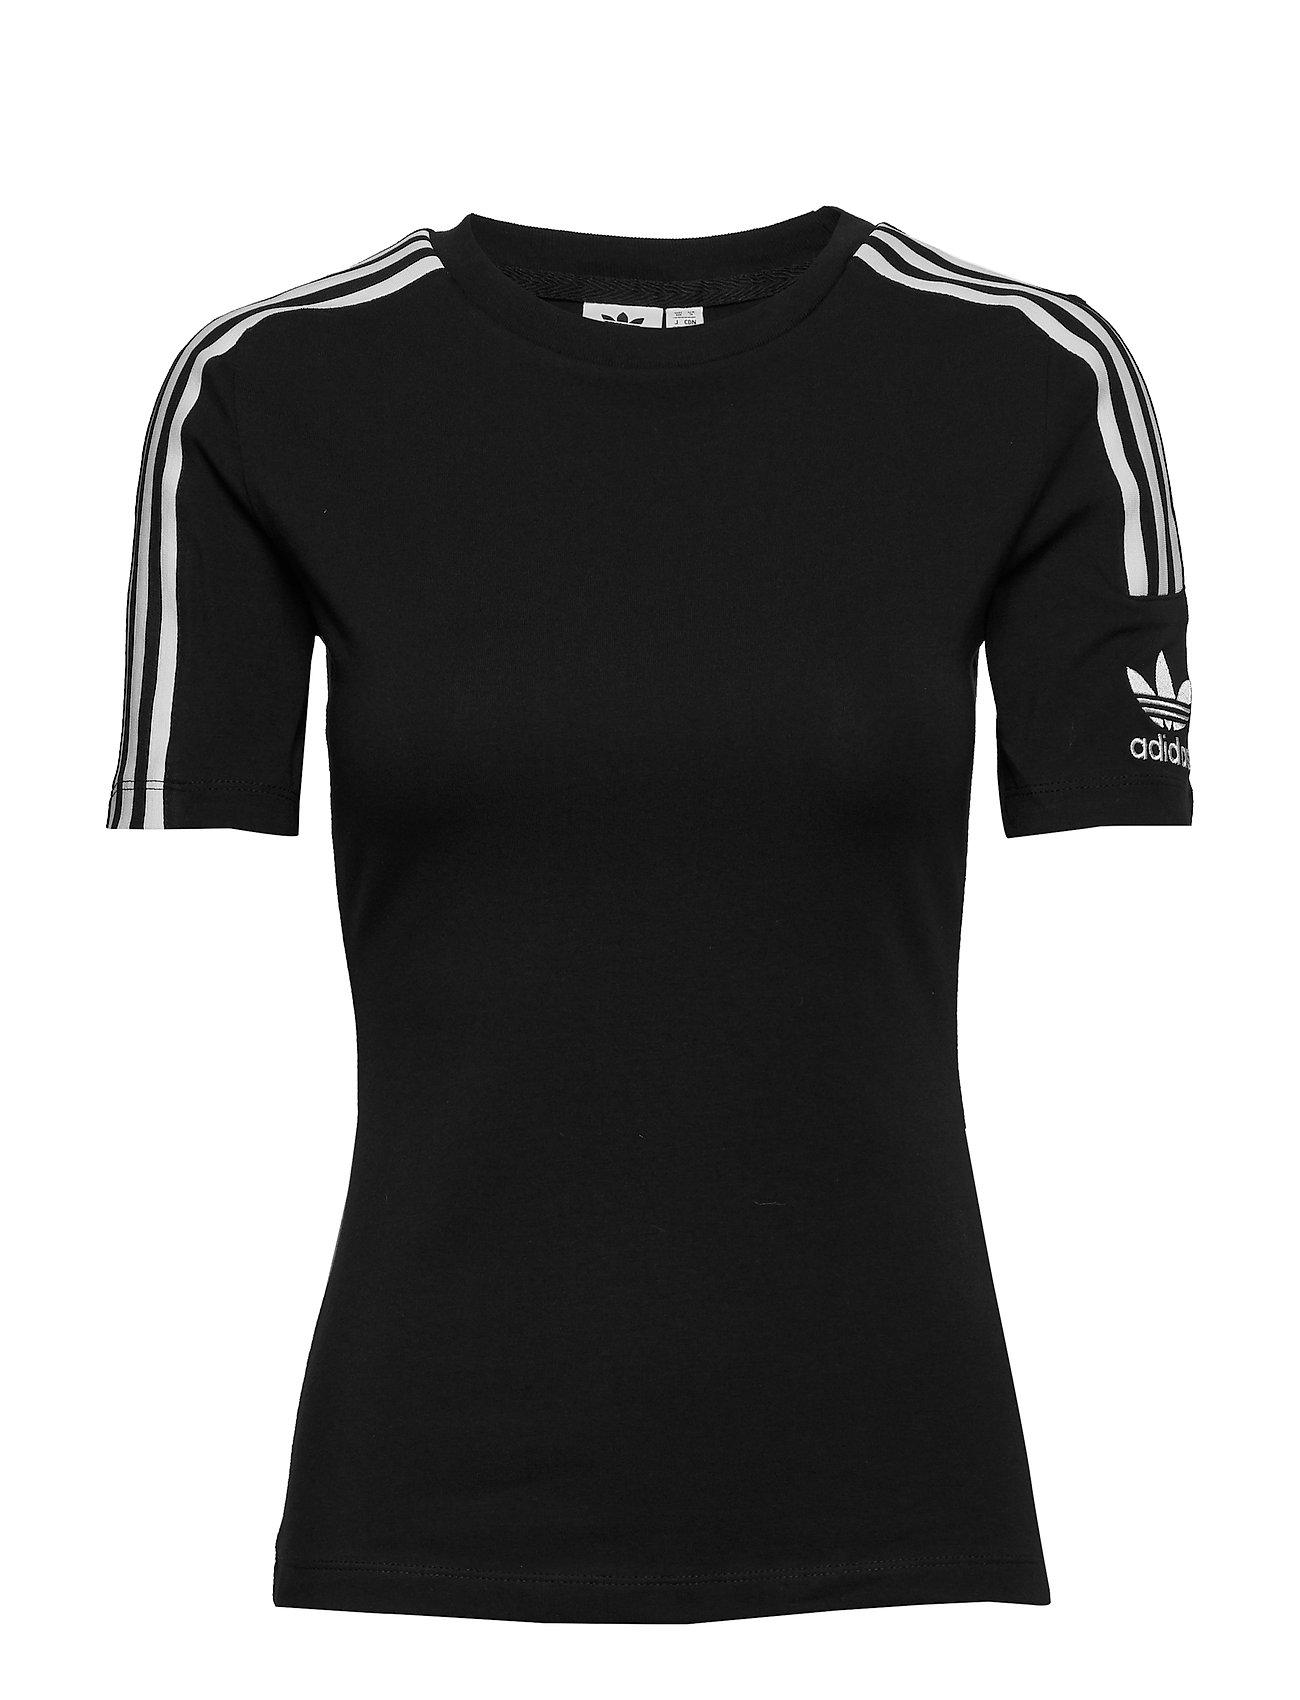 adidas Originals TIGHT TEE - BLACK/WHITE